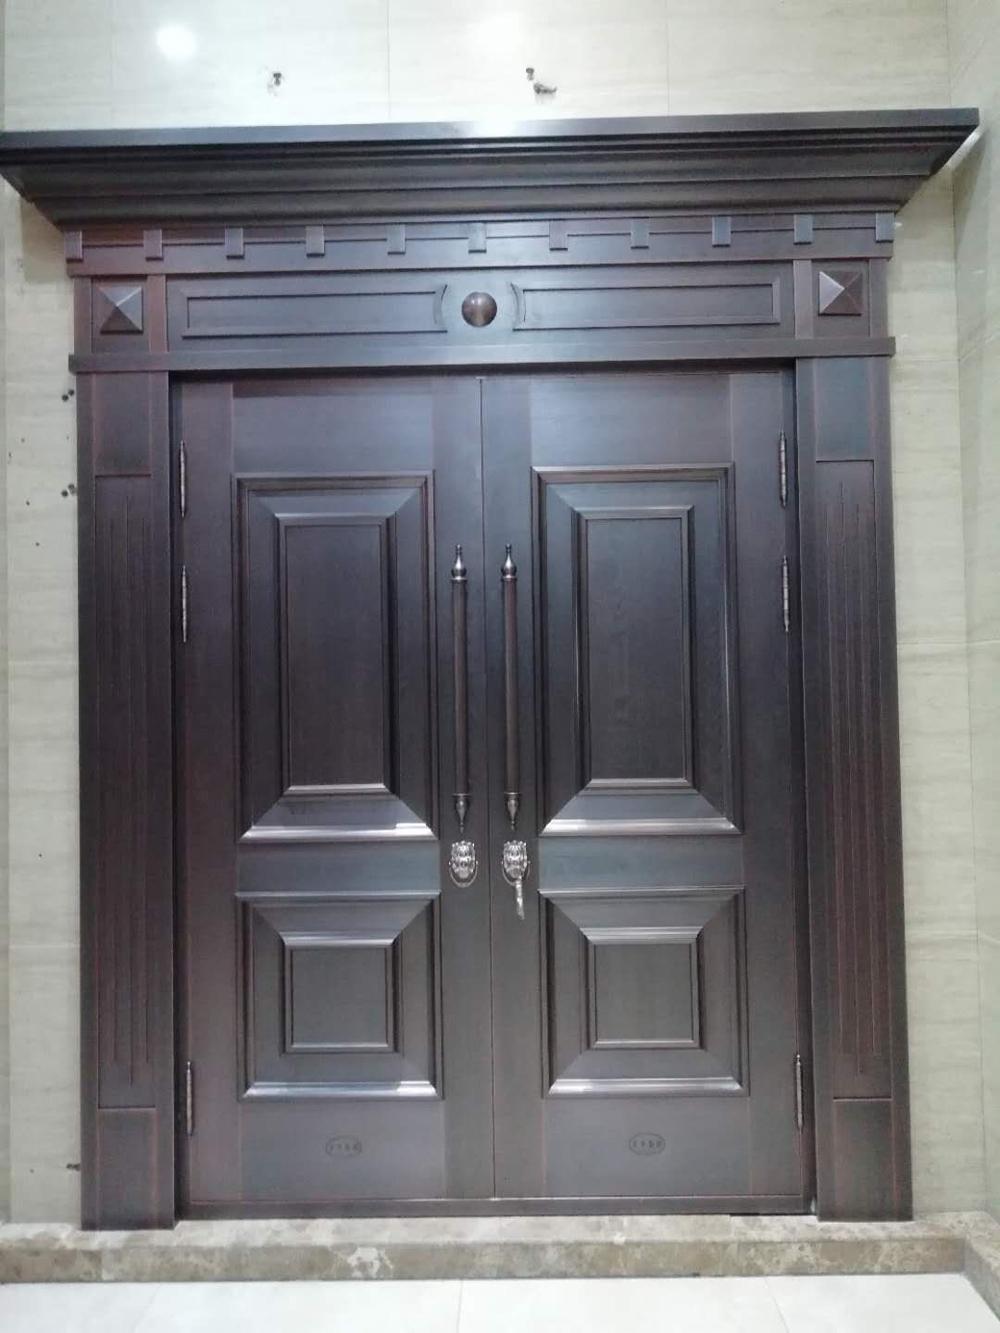 庭院住宅铜门工程案例介绍